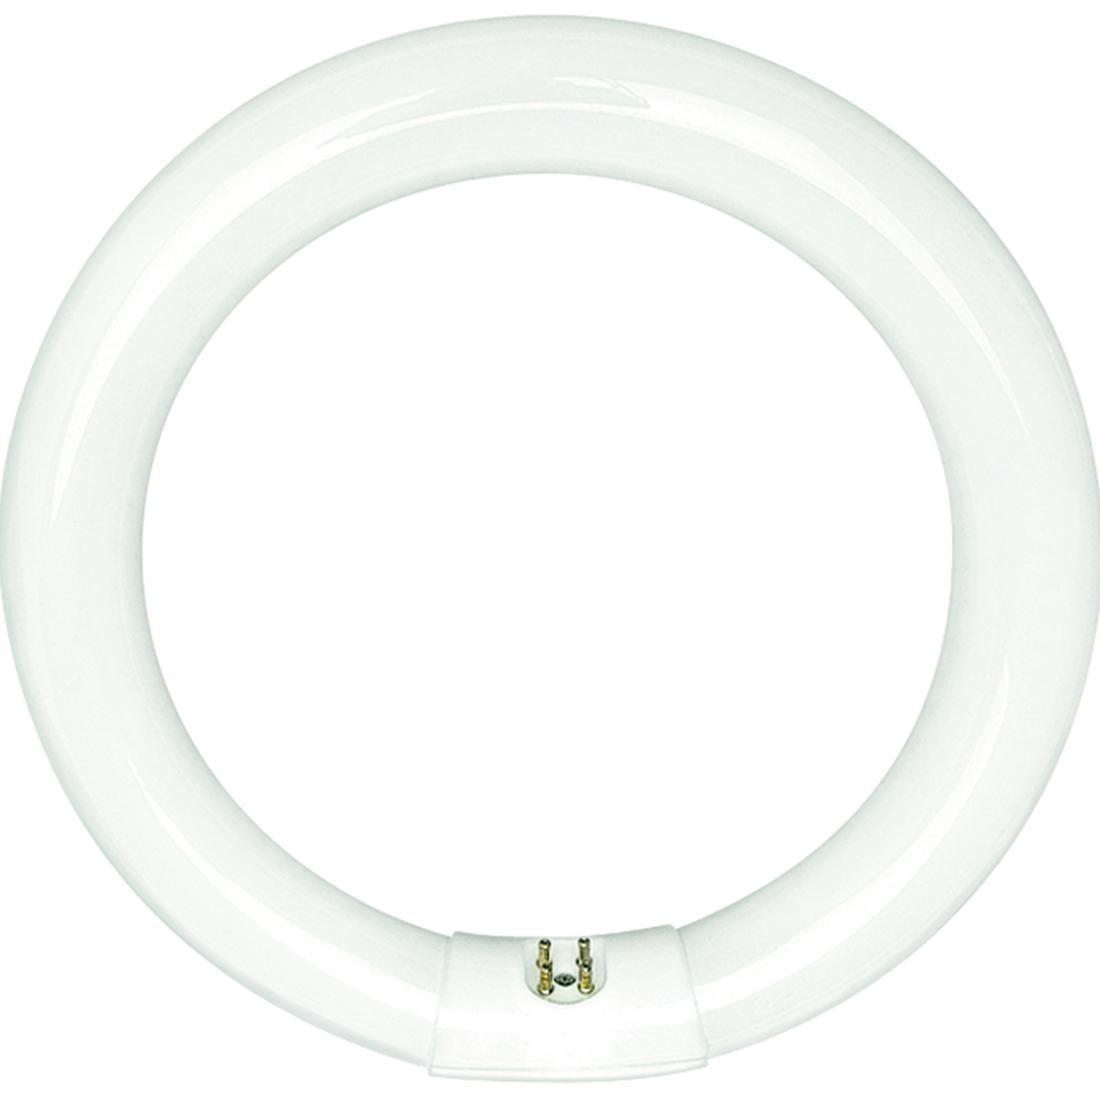 standard fcl rs 30 watt t9 circline cfl 3000k 82 cri 4